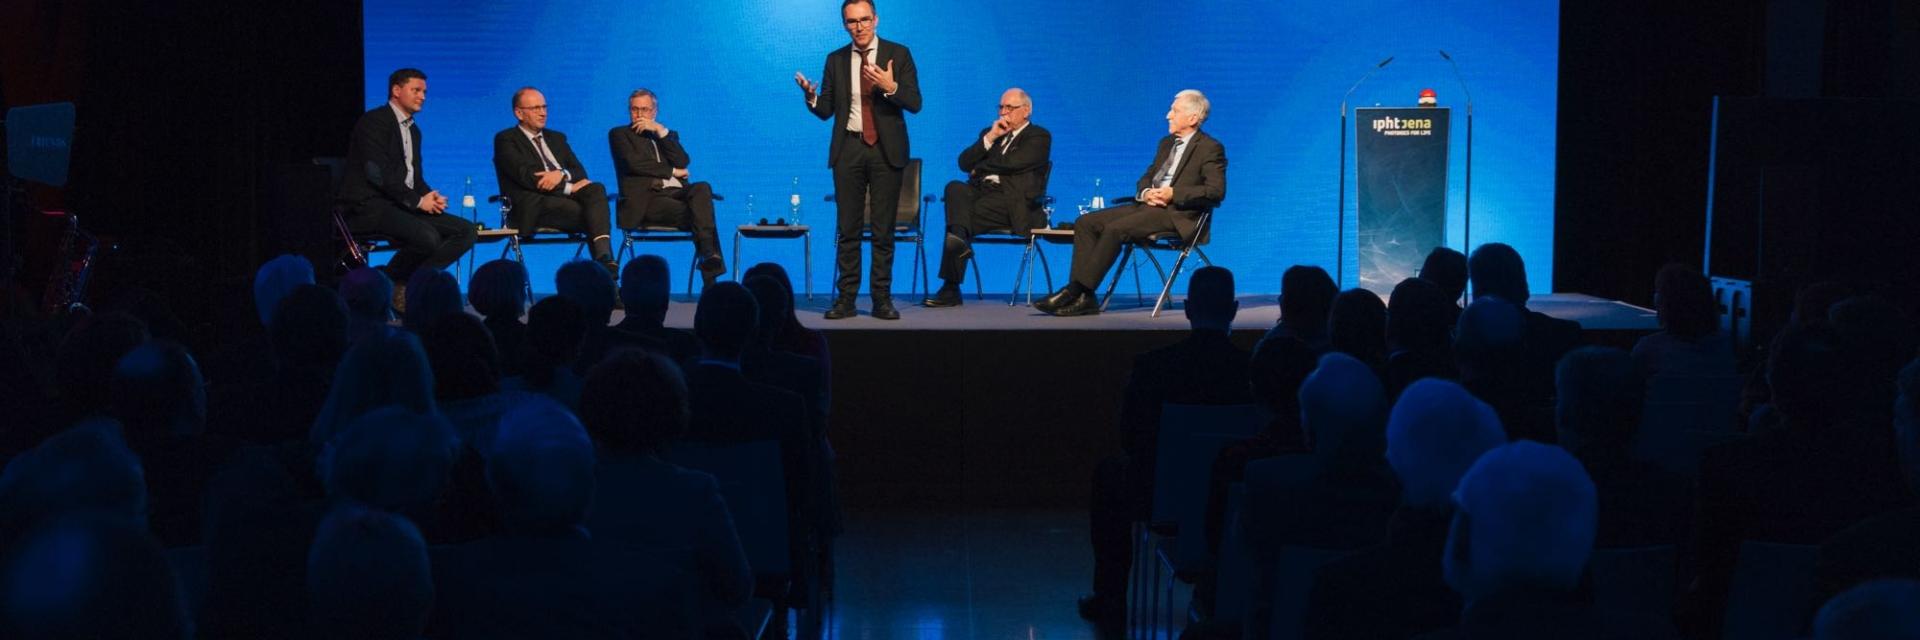 Podium der Festveranstaltung für 25 Jahre Leibniz-Institut für Photonische Technologien